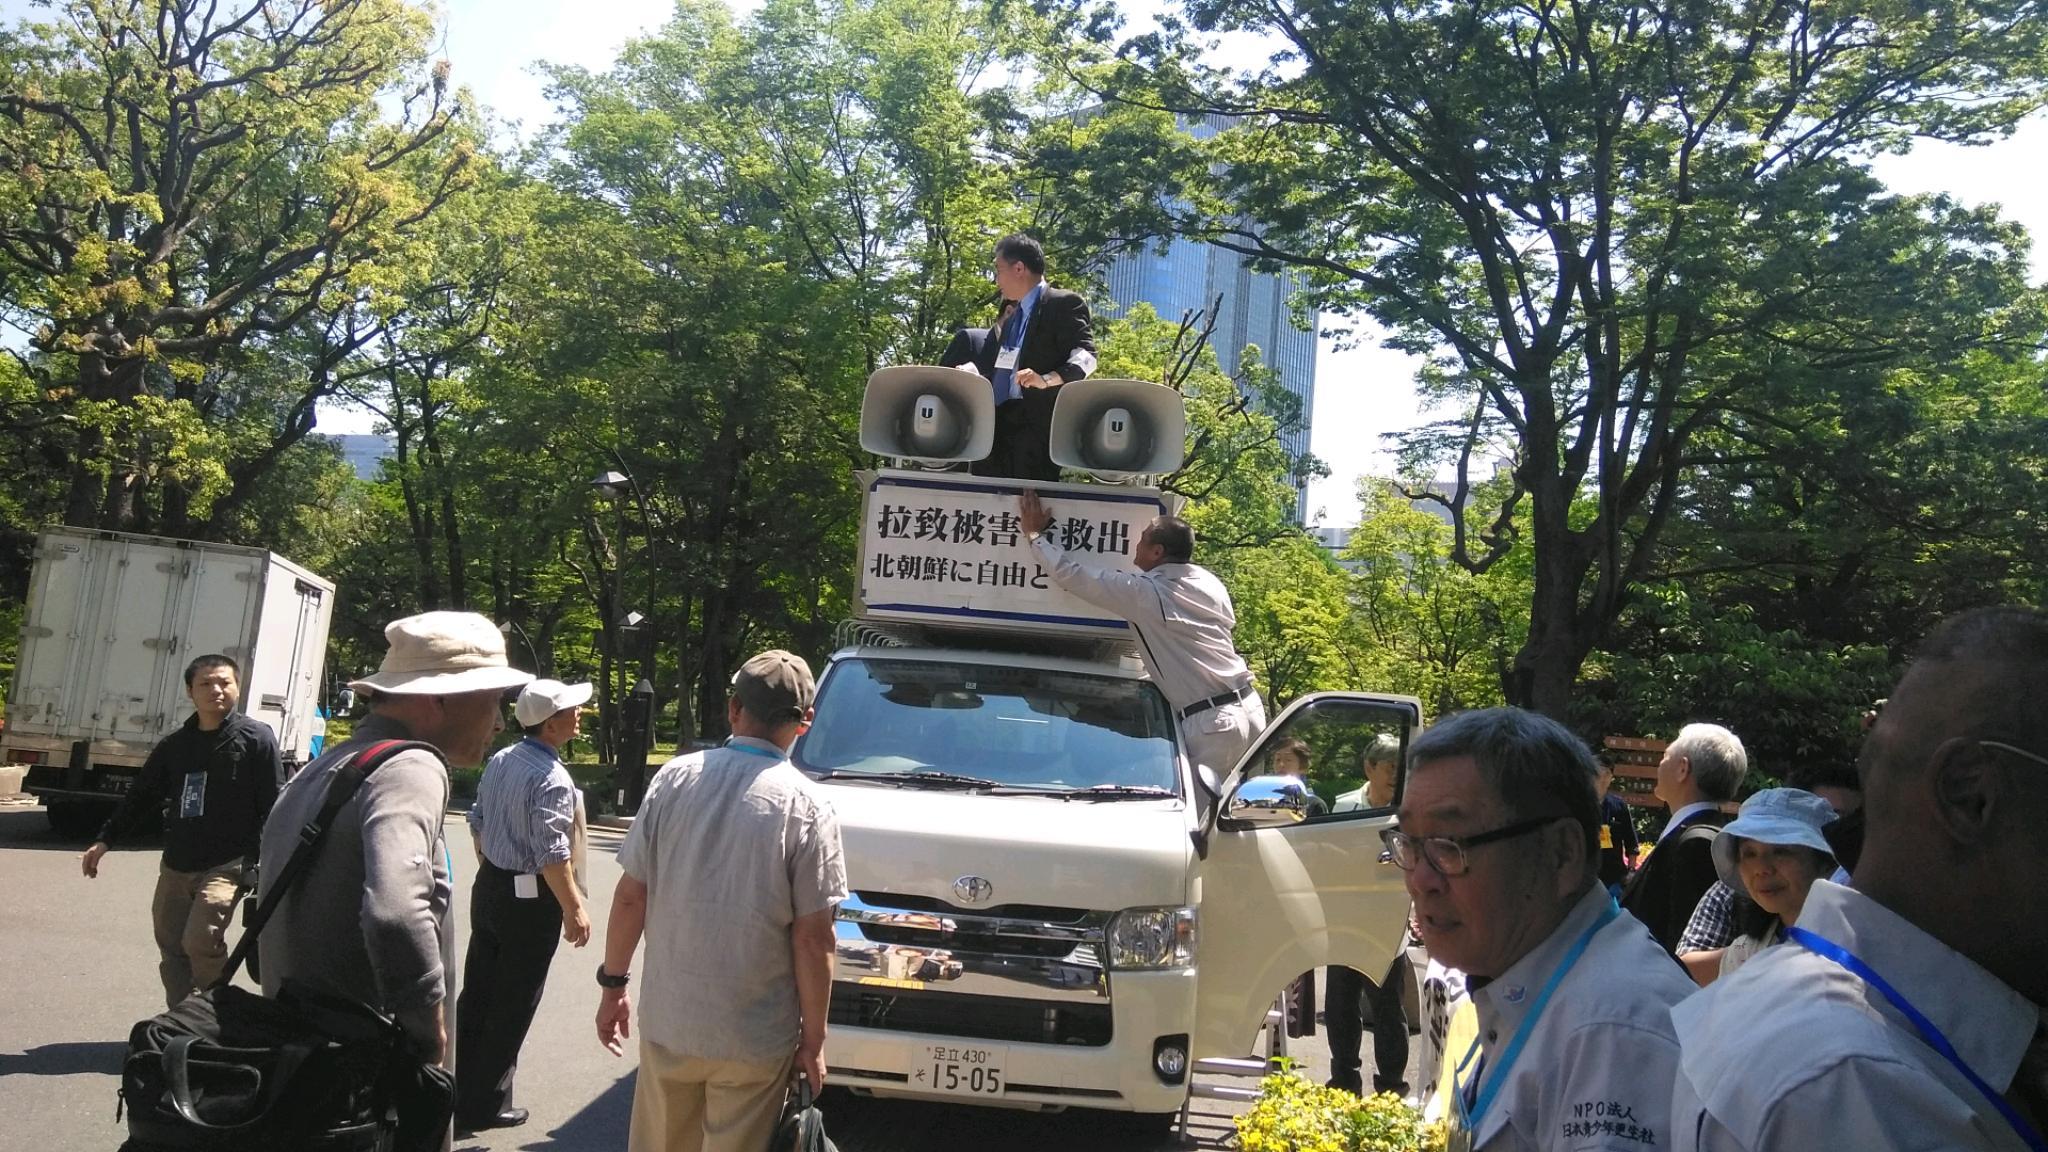 日本青少年更生社の会員たちが広報車に拉致被害者救出、北朝鮮に自由と平和のステッカーをスタッフ一同とお手伝い致しました。